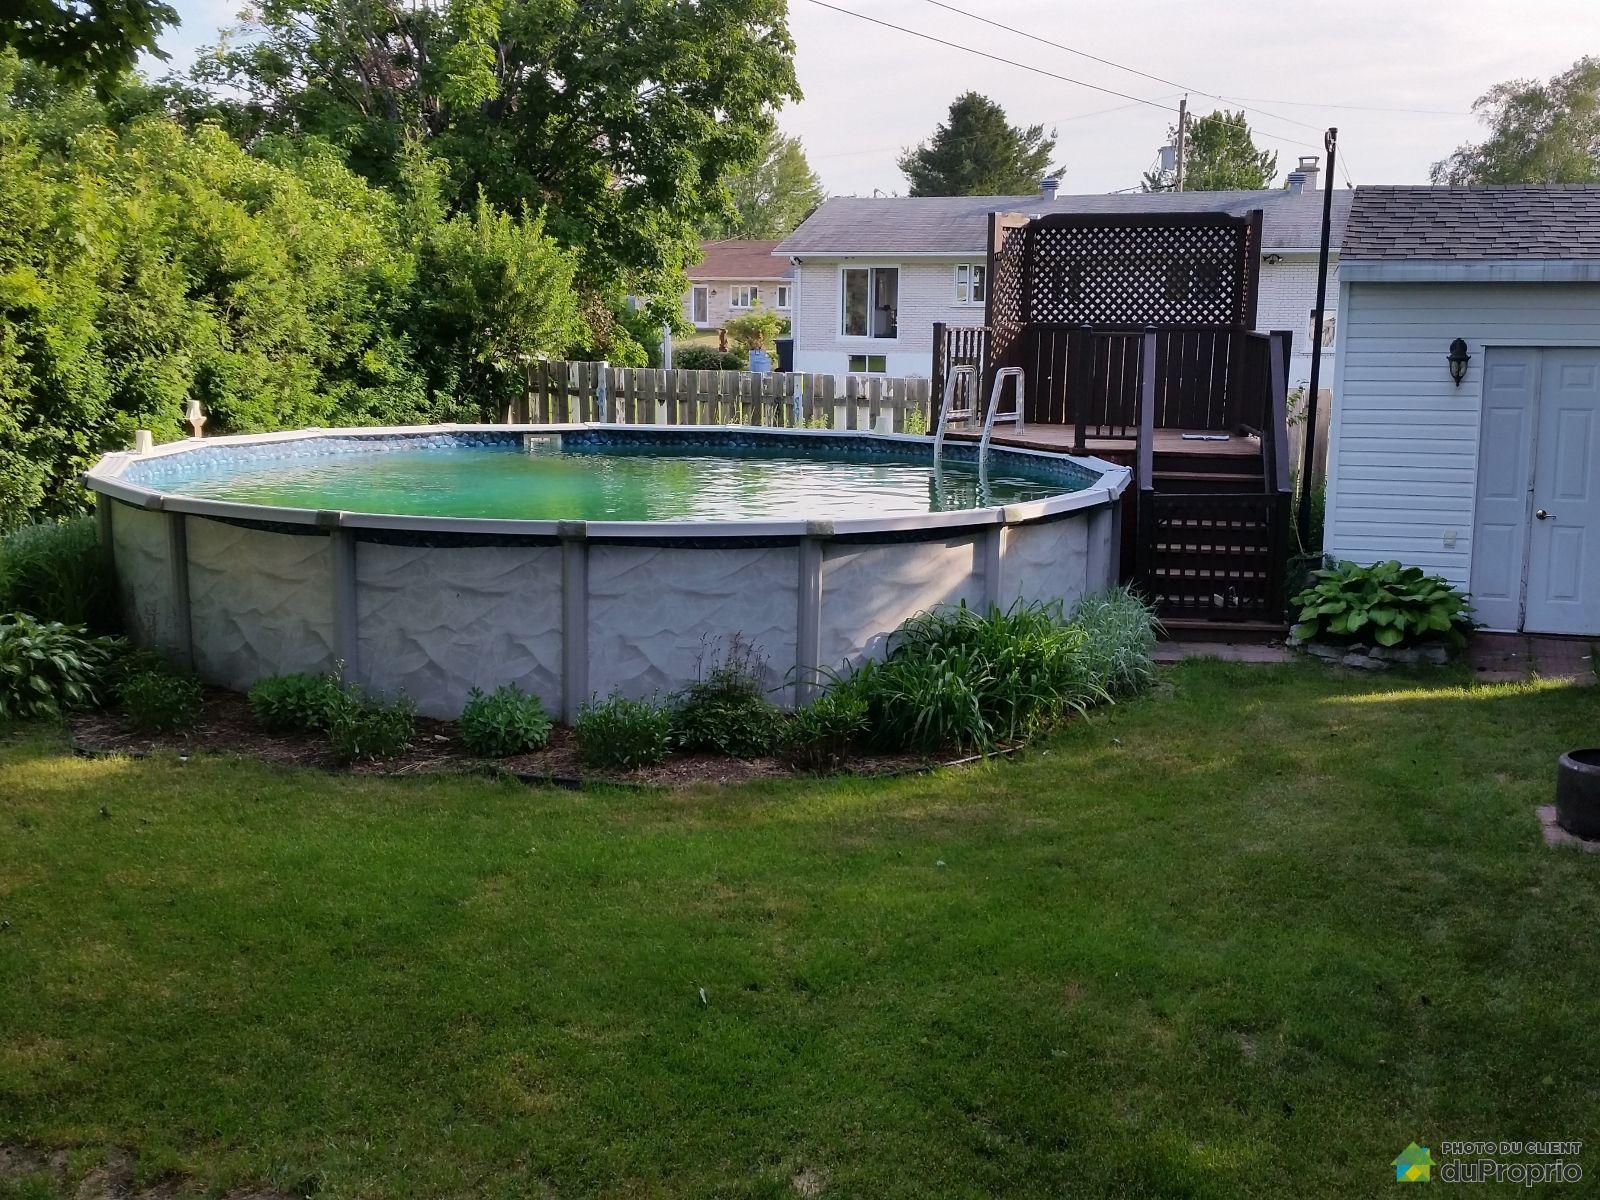 Maison vendre shawinigan sud 2640 avenue 13e for Club piscine shawinigan sud